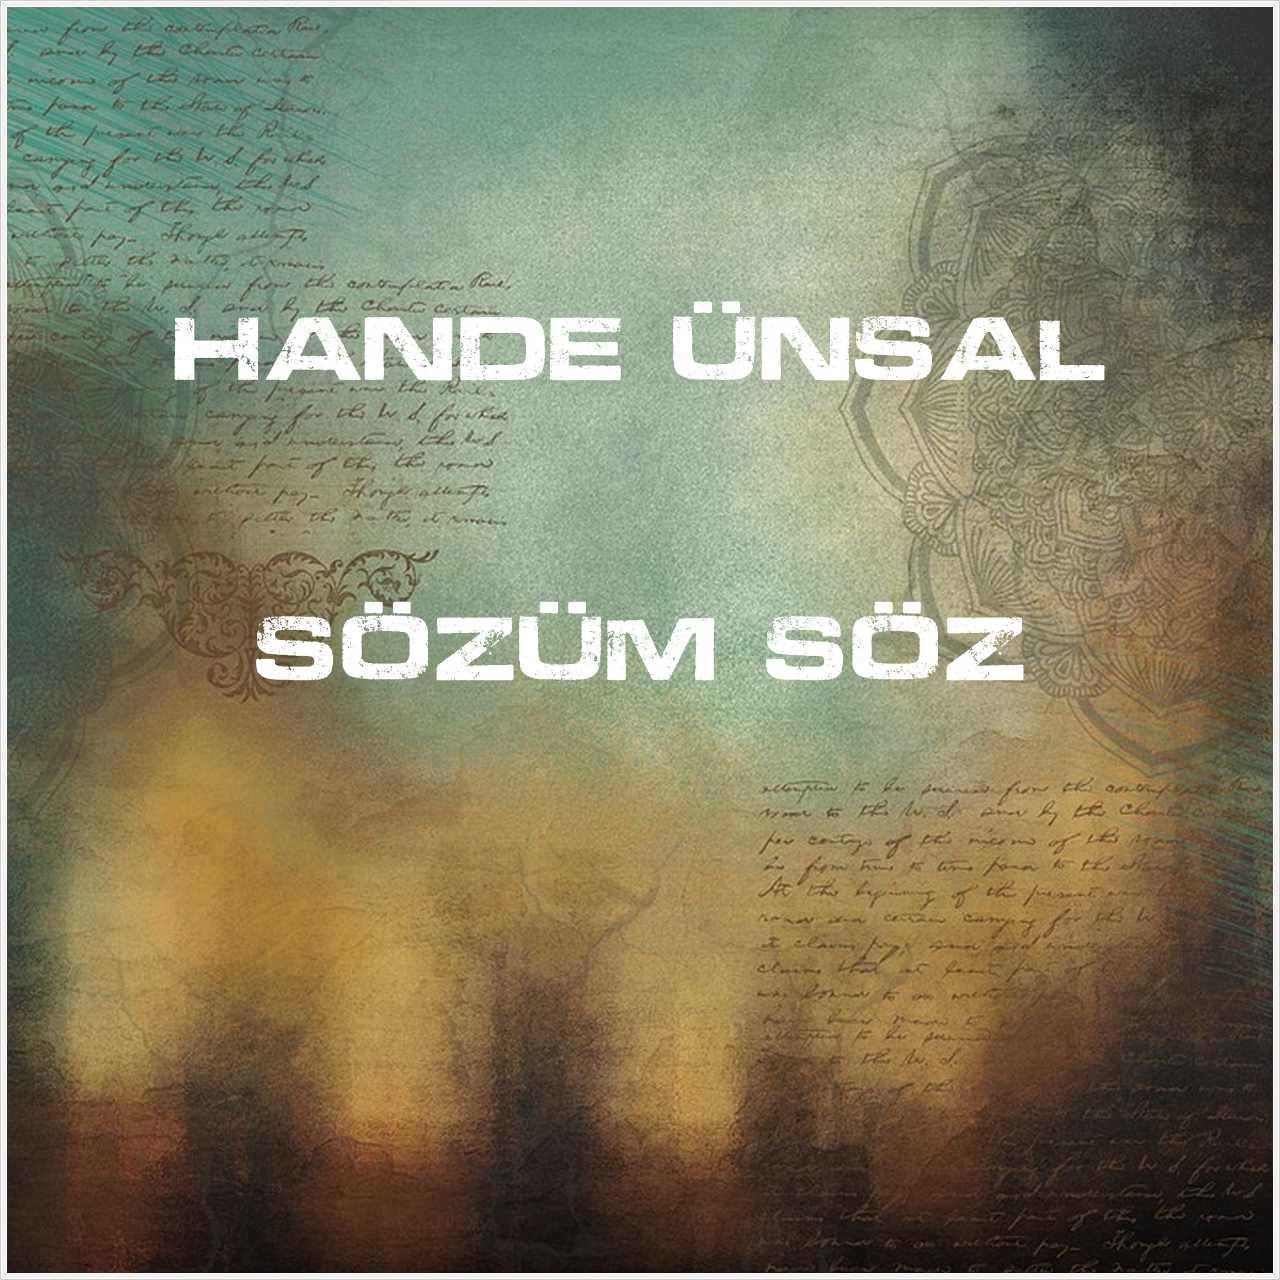 دانلود آهنگ جدید Hande Ünsal به نام Sözüm Söz